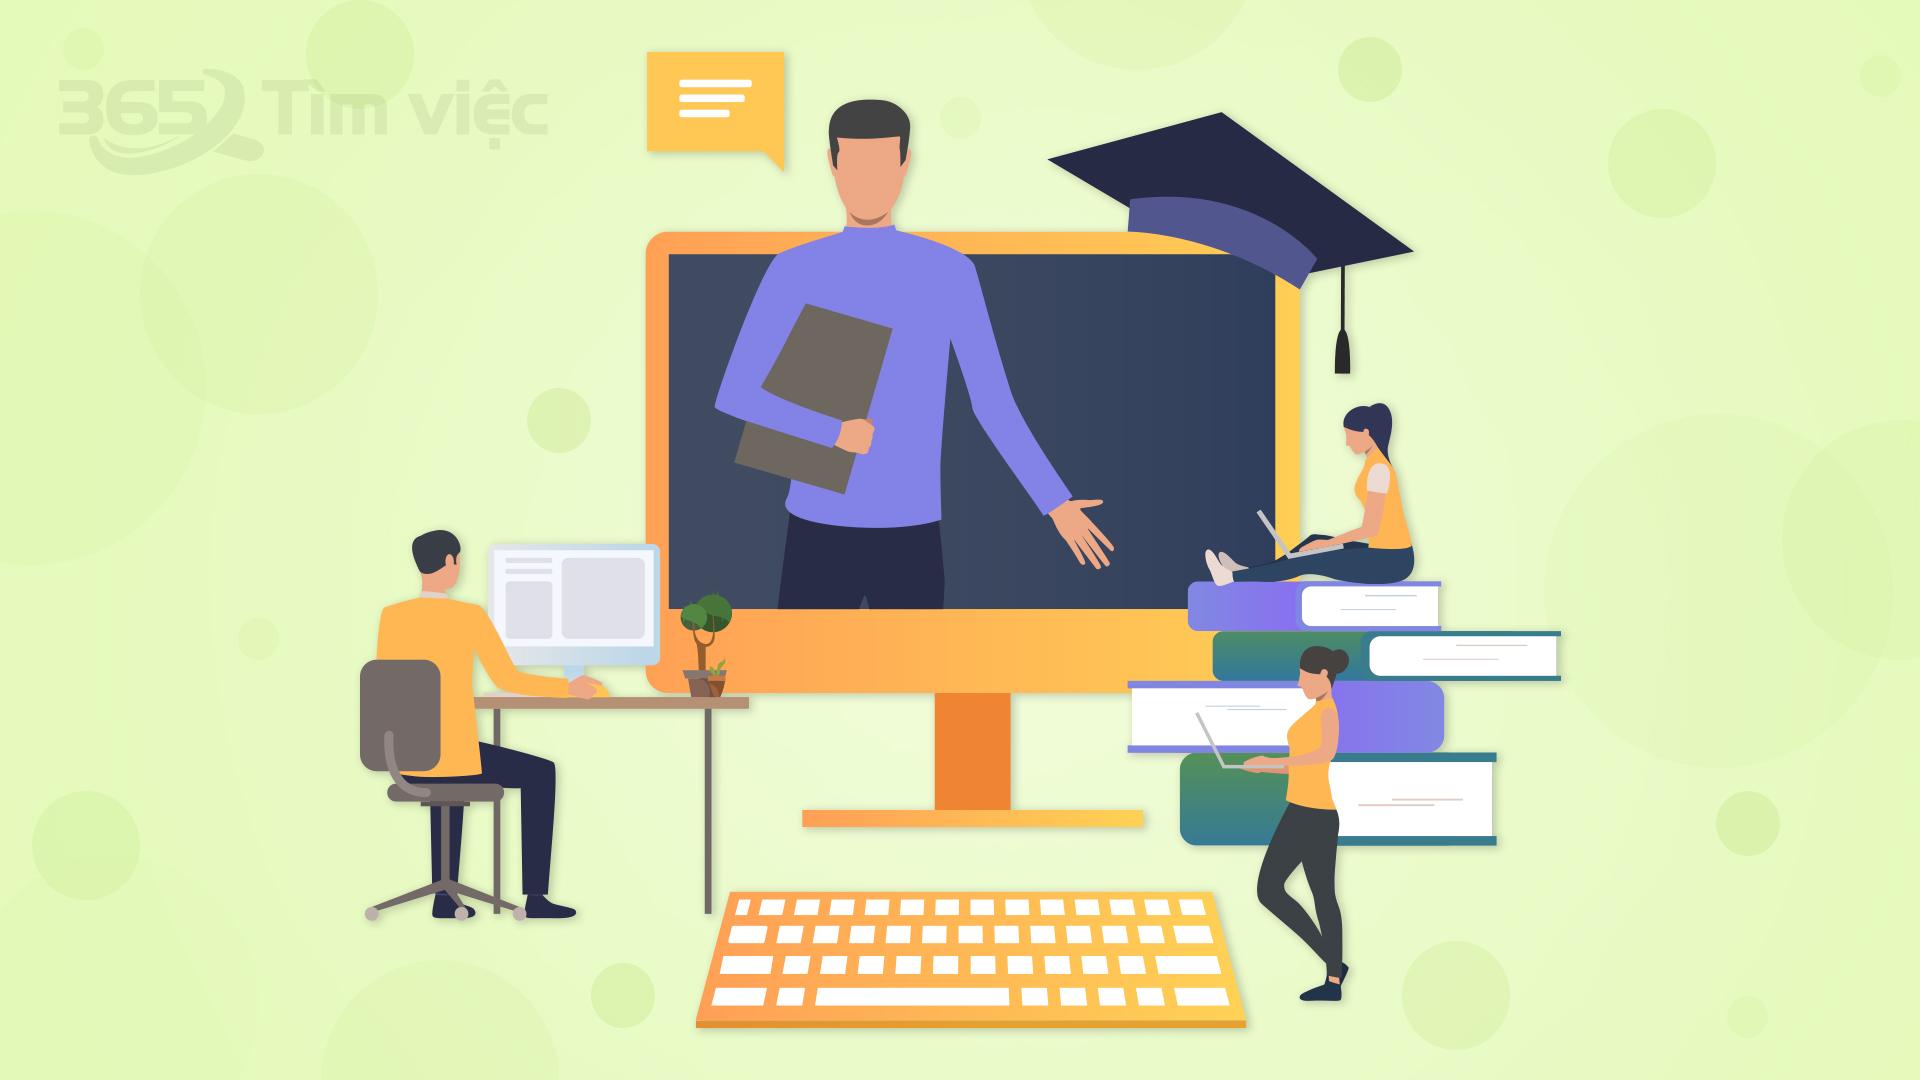 tin tức về yêu cầu nhập học và ngân sách chương trình cấp bằng Associate Degree